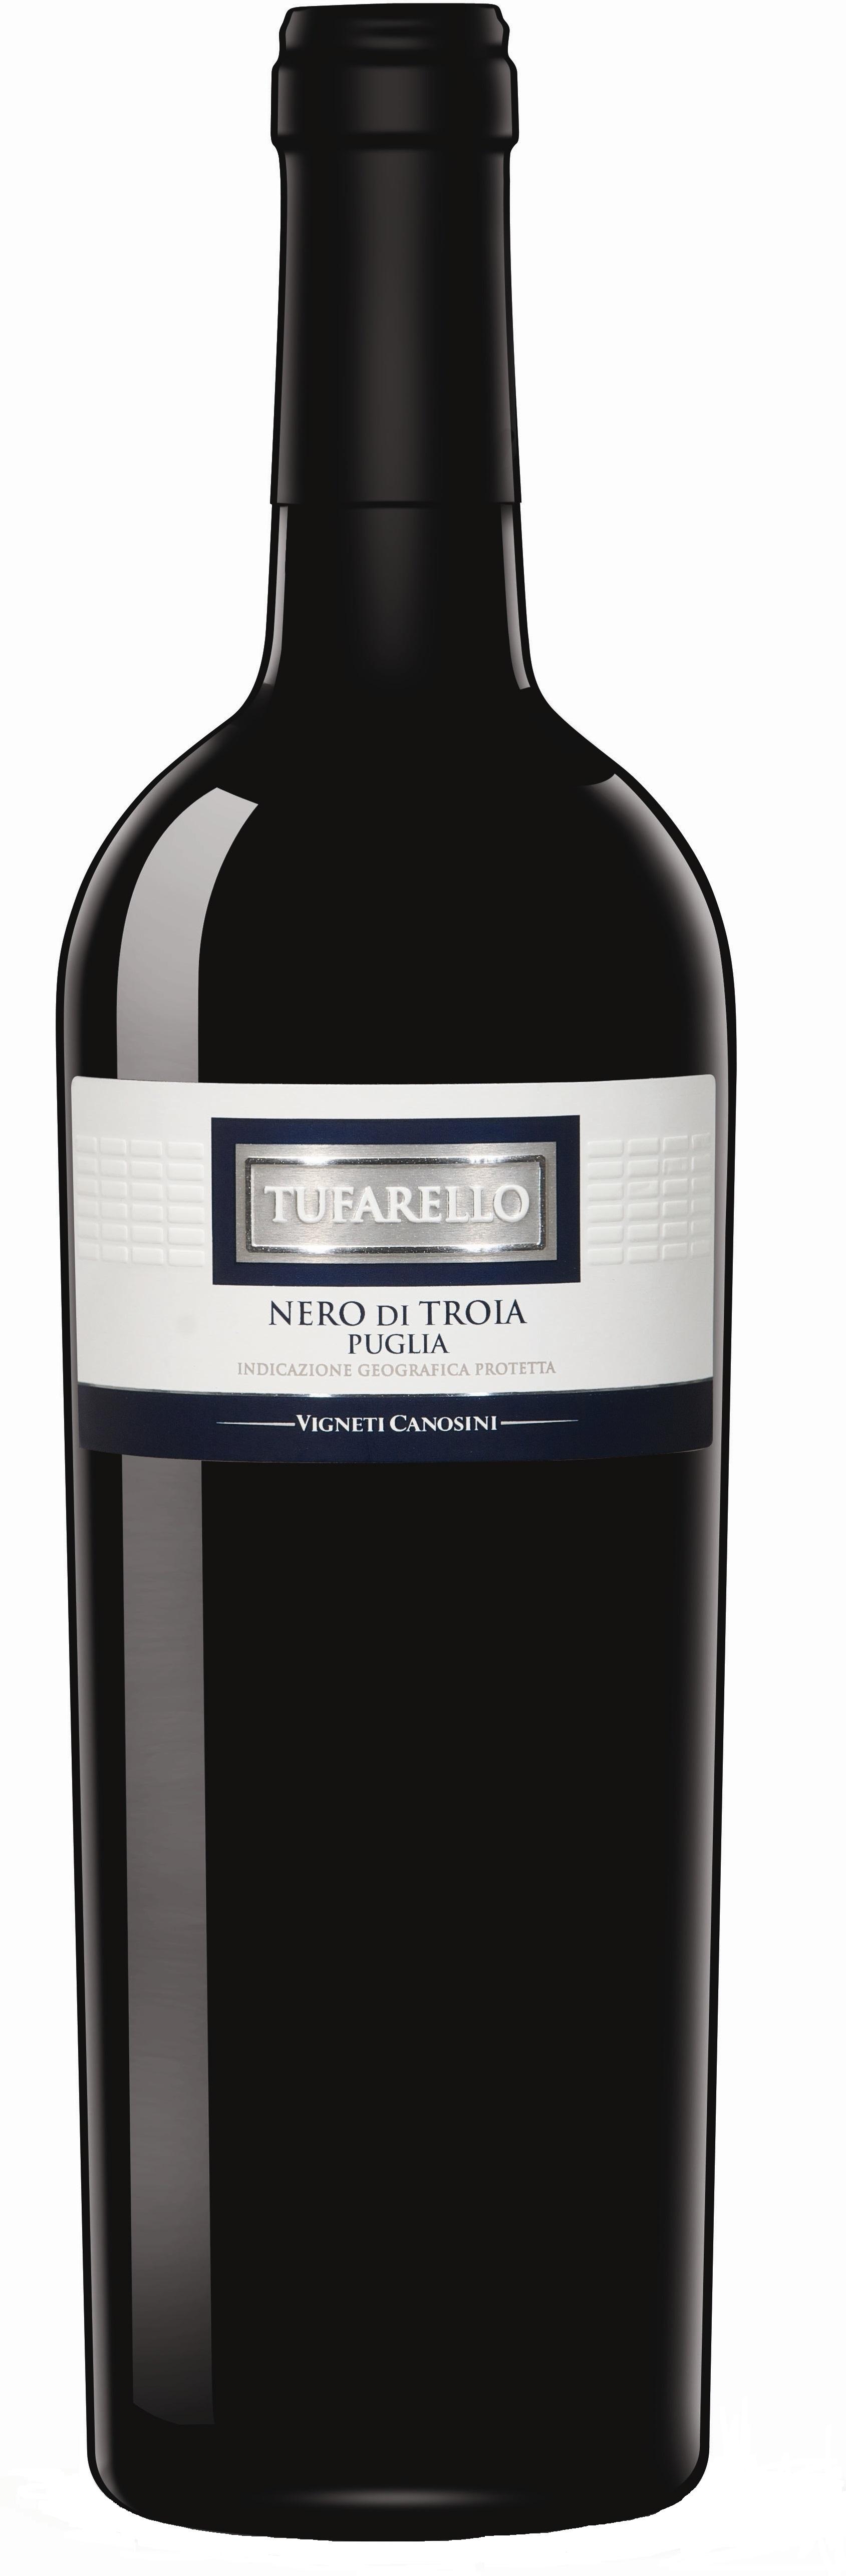 Tufarello, Nero di Troia `Vigneti Canosini` IGP Puglia 2016